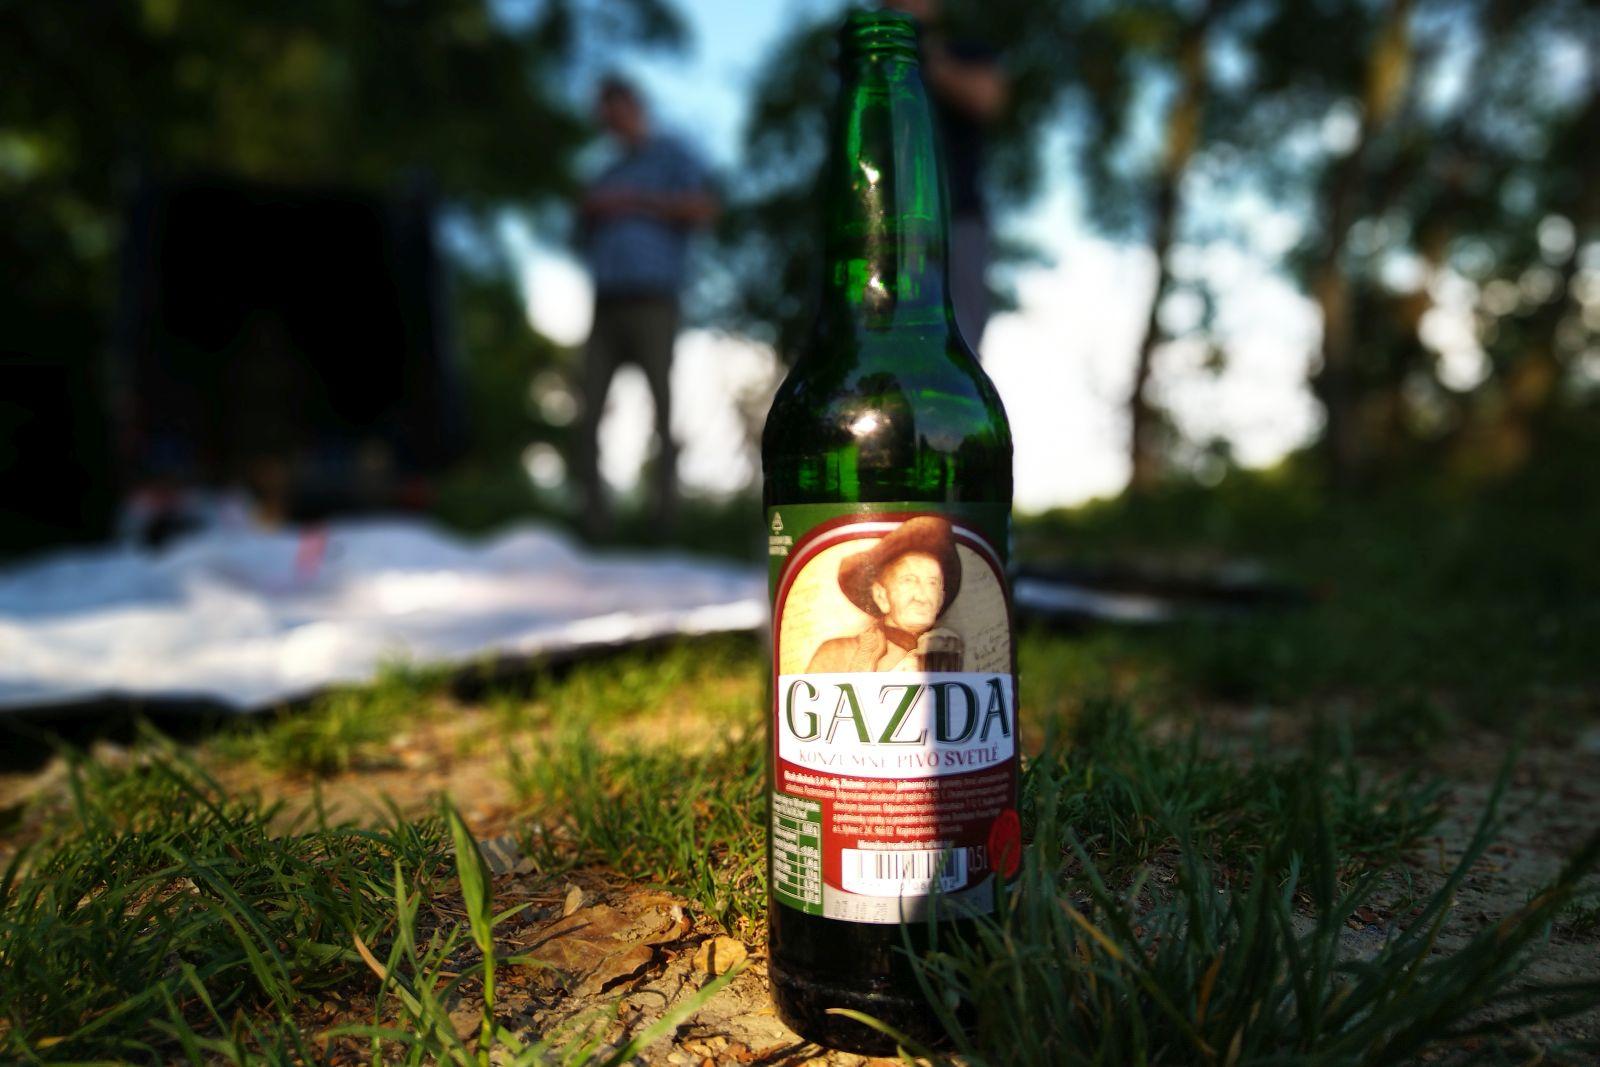 Pivo Gazda